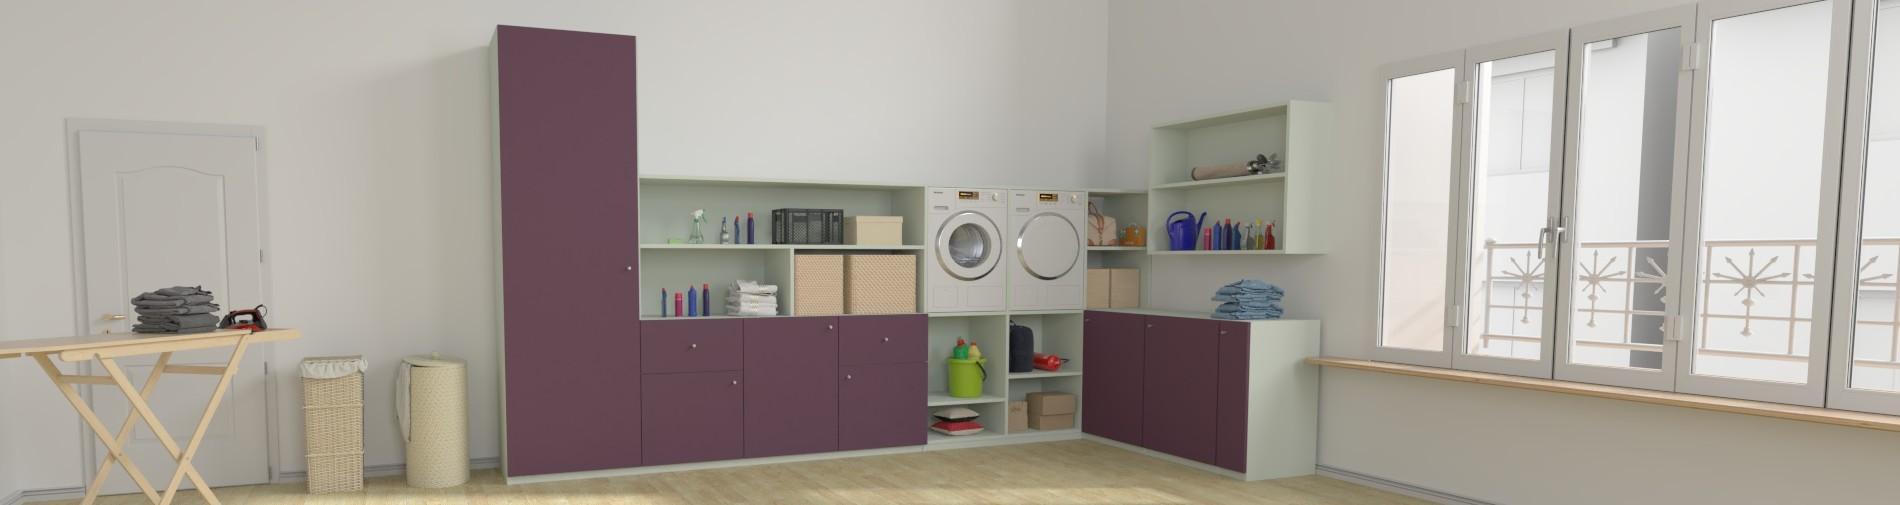 Möbel Maßanfertigung für die Waschküche